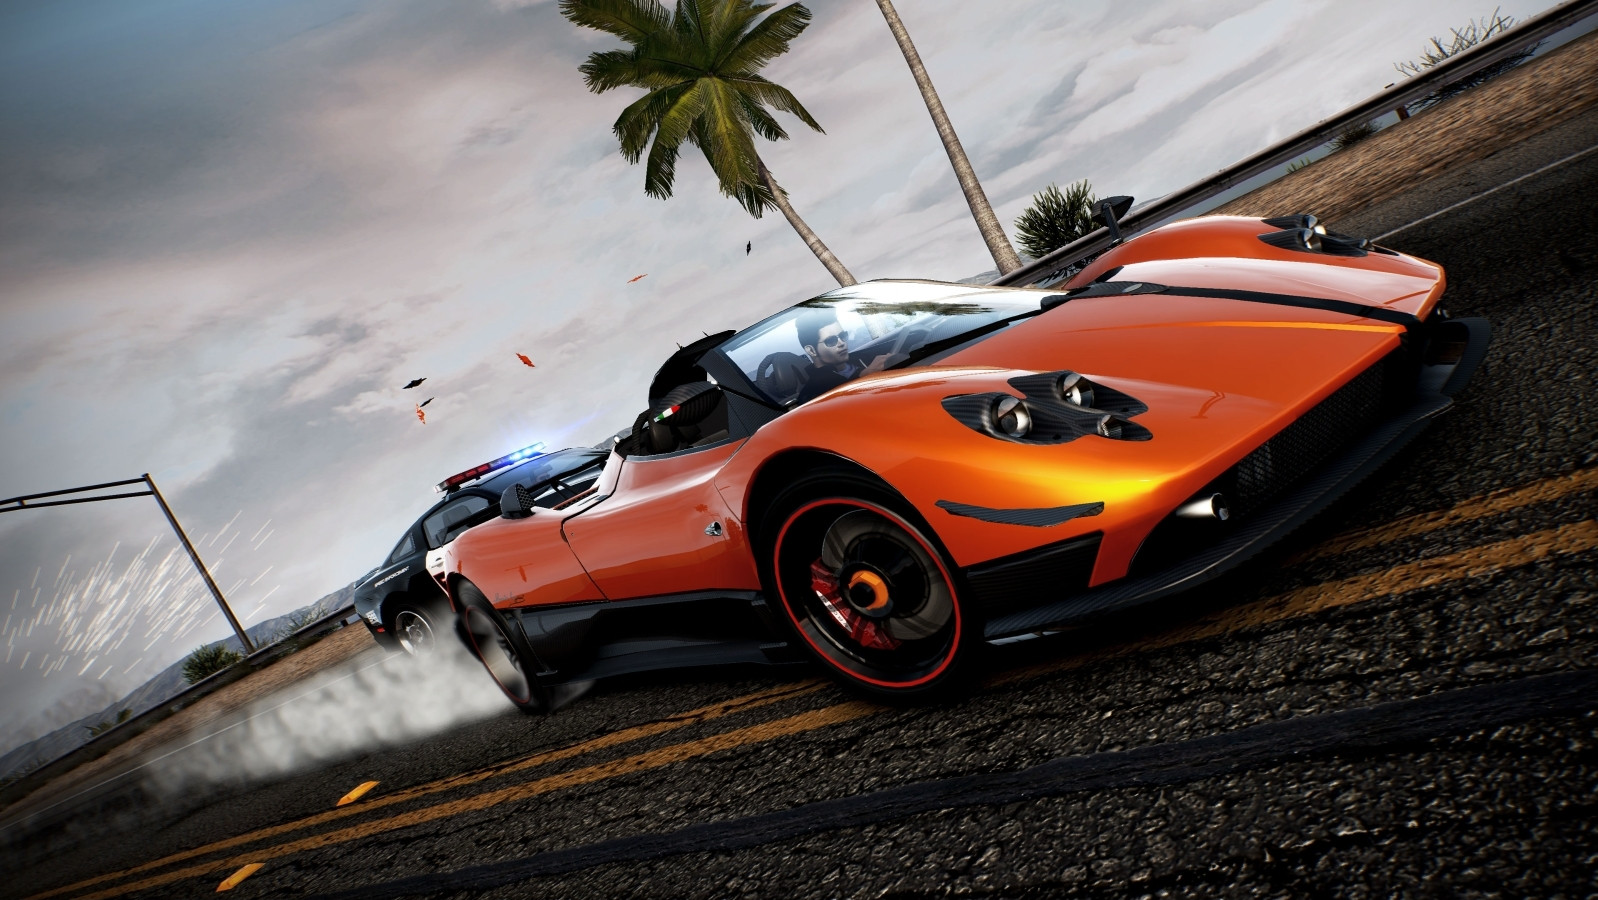 В сеть утекли скриншоты и дата релиза ремастера Need for Speed Hot Pursuit